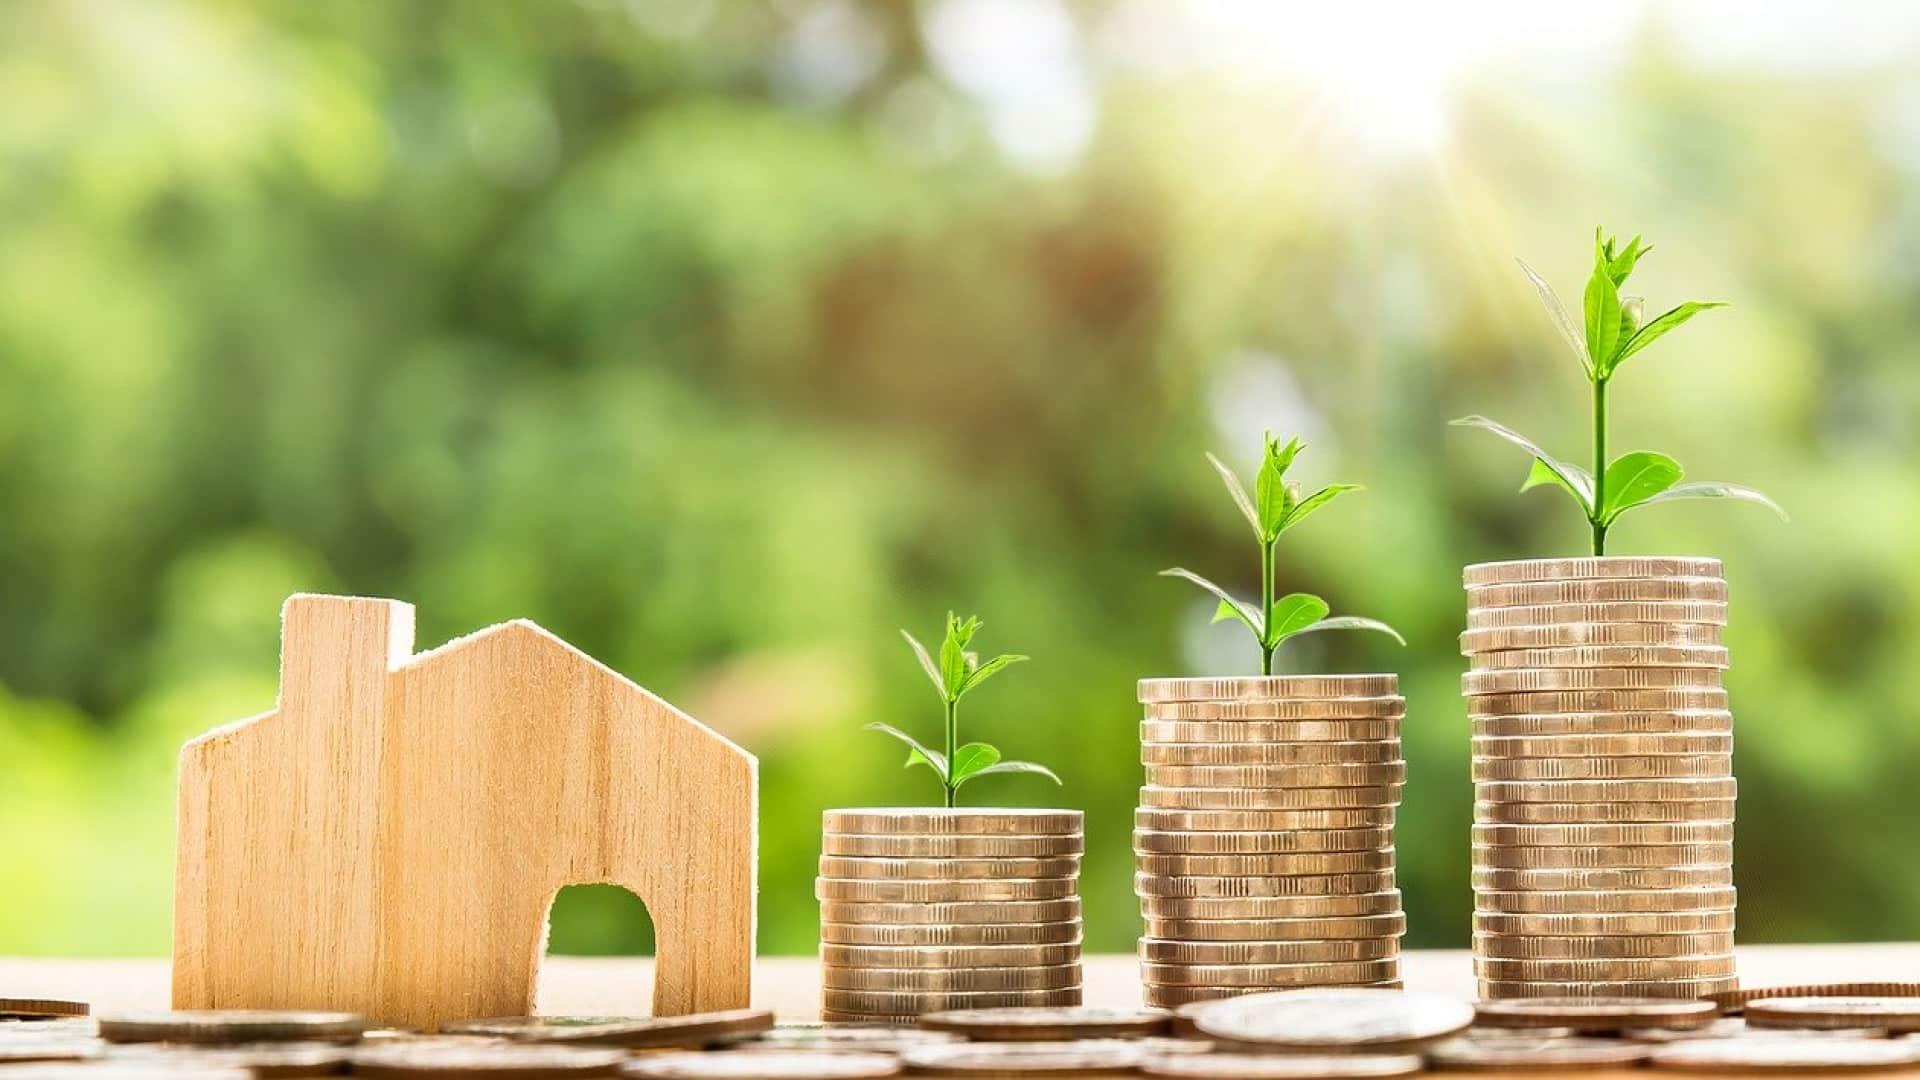 Comment estimer la valeur de son bien immobilier en ligne ?